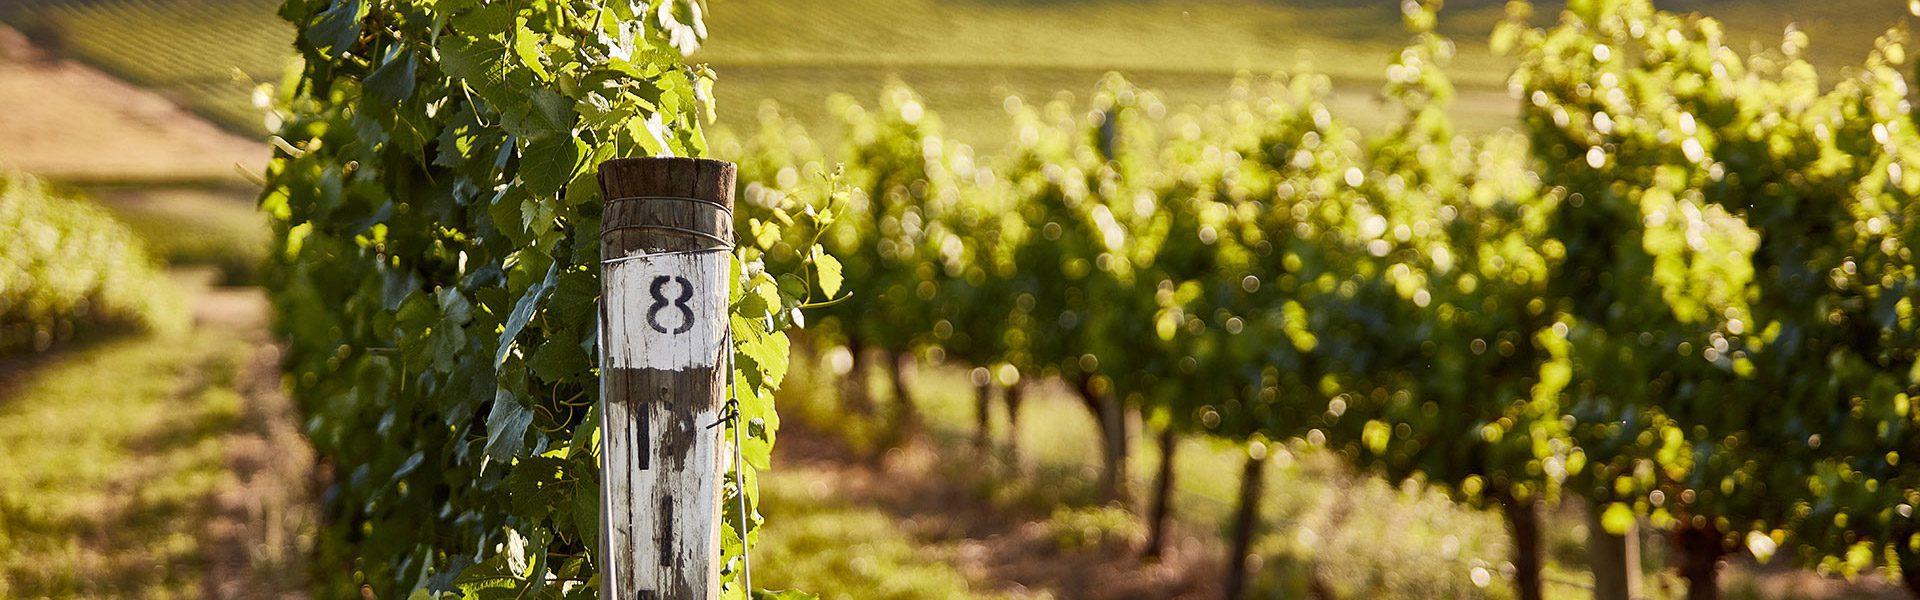 wine yarra valley header 6